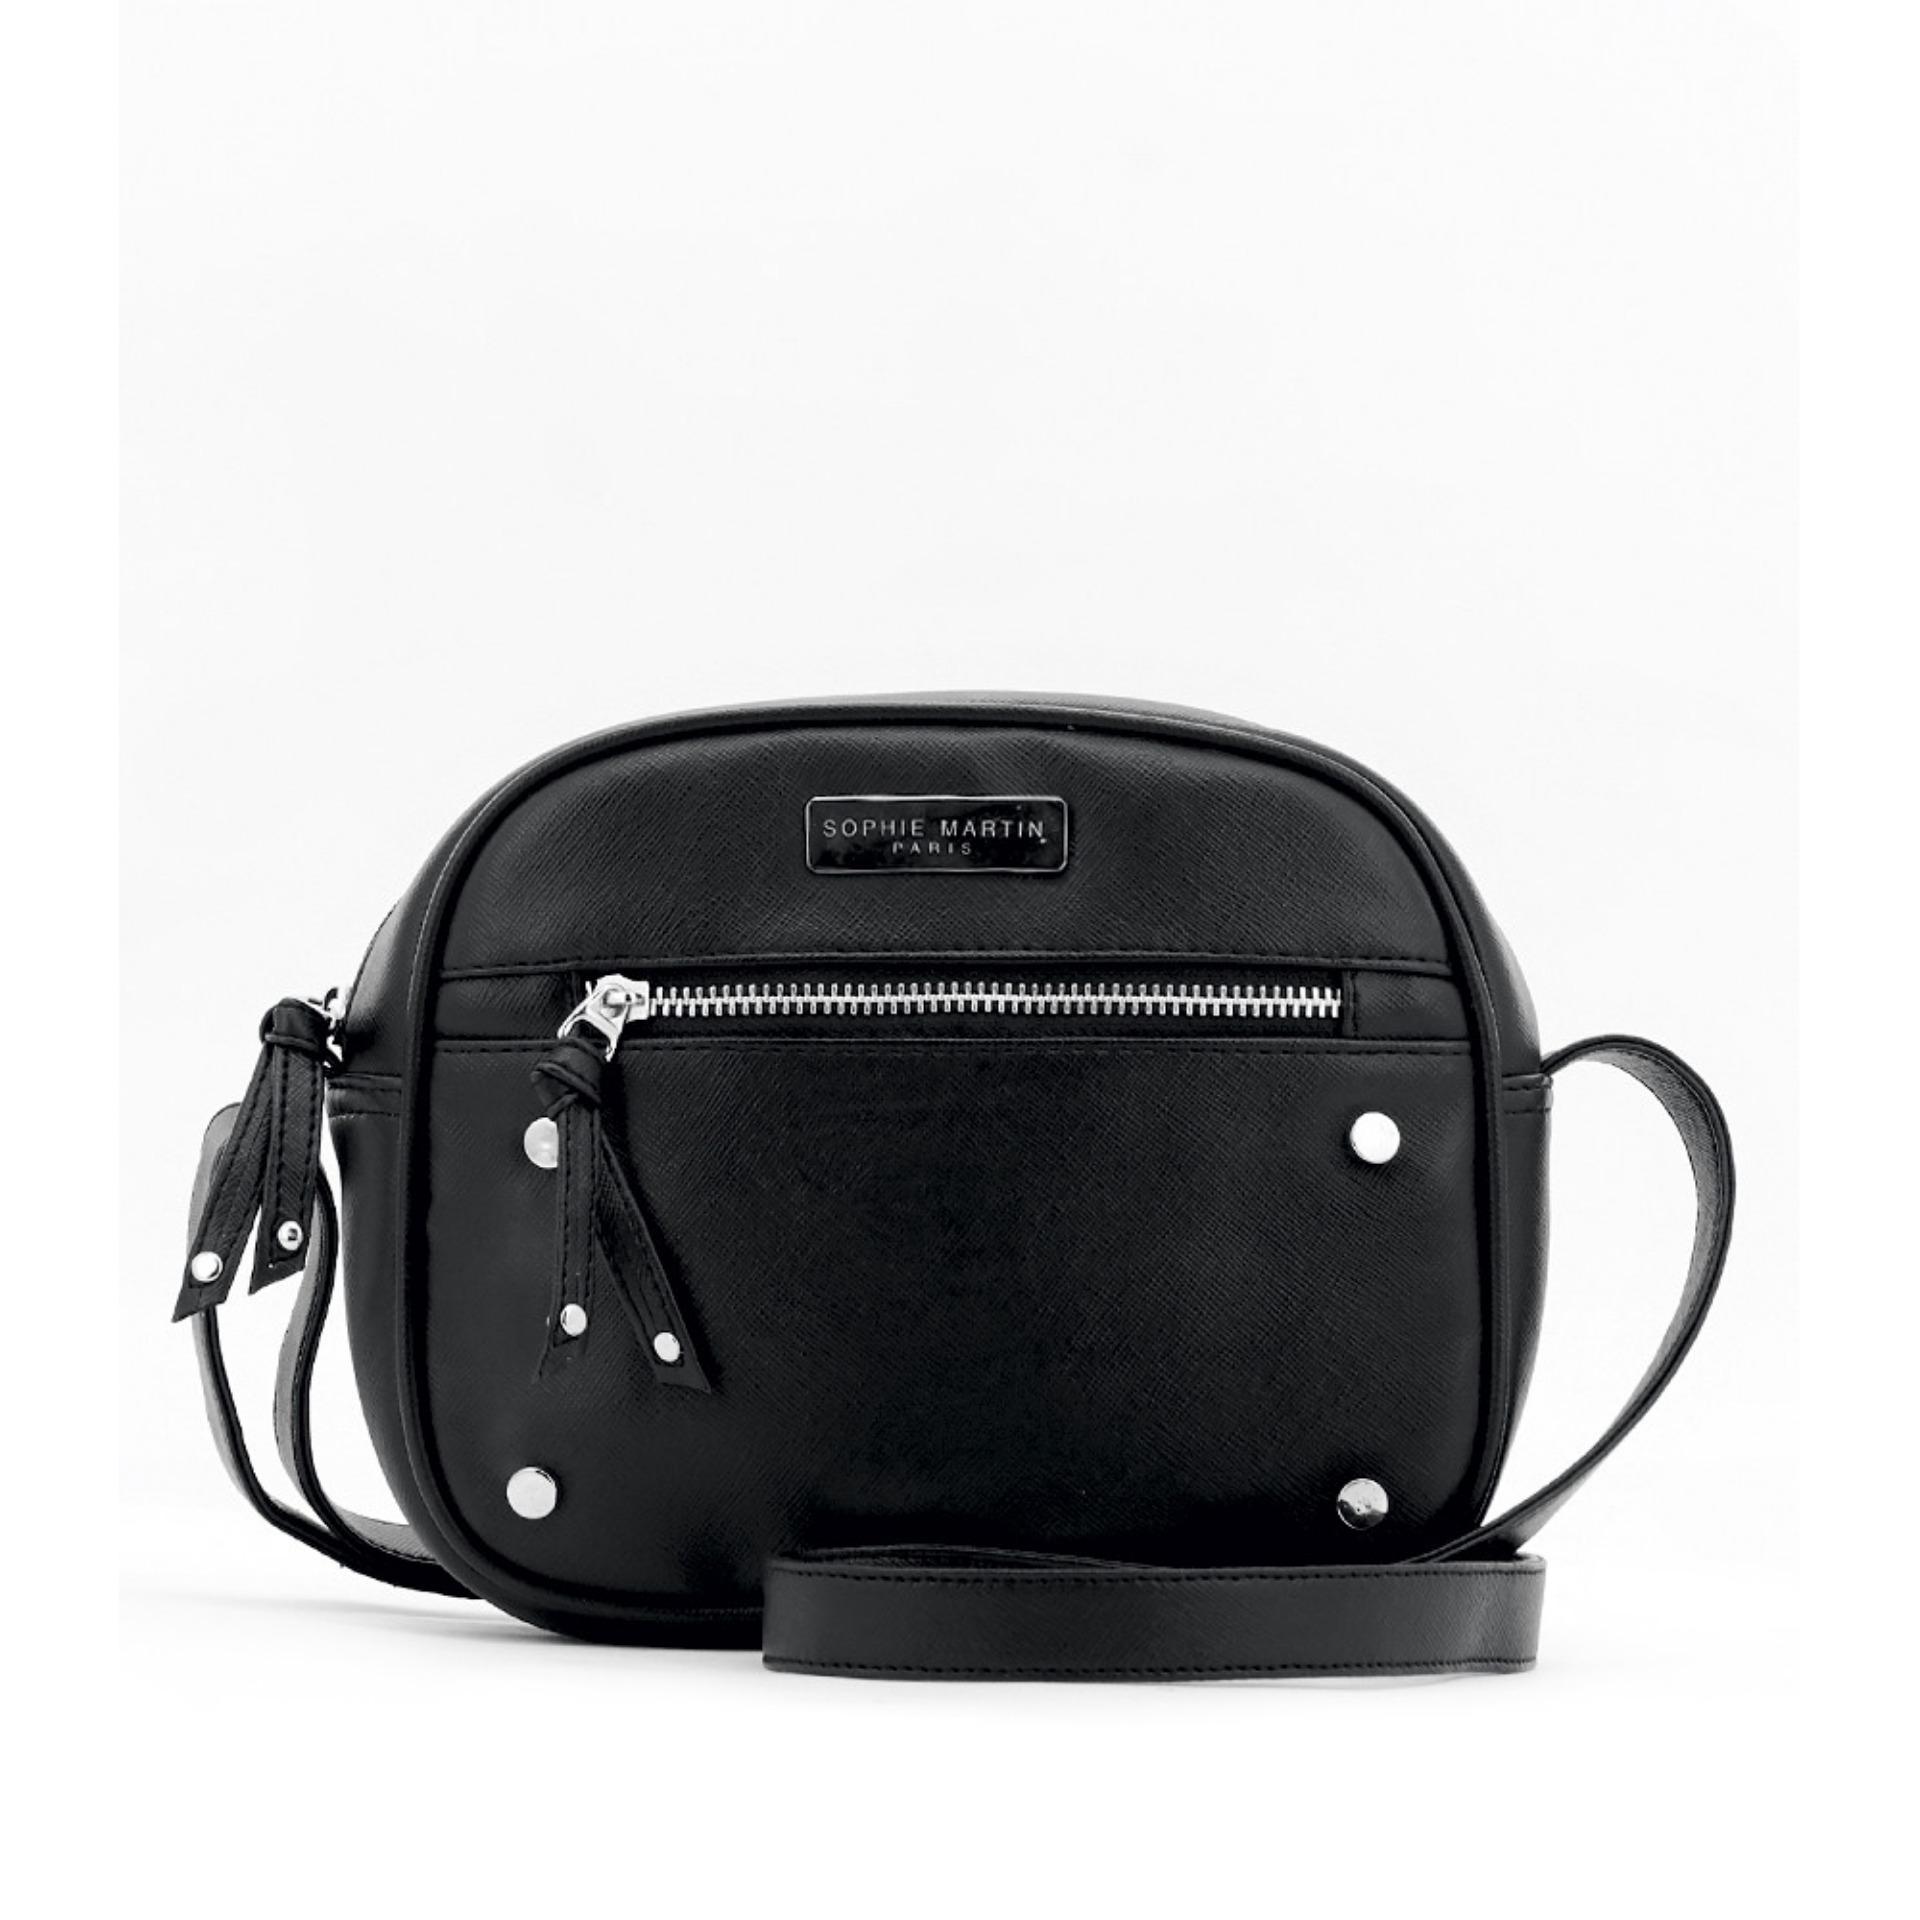 Sophie Paris Tas Wanita Import Branded Zatana Bag T4309B5 - Hitam cd5a39b67c